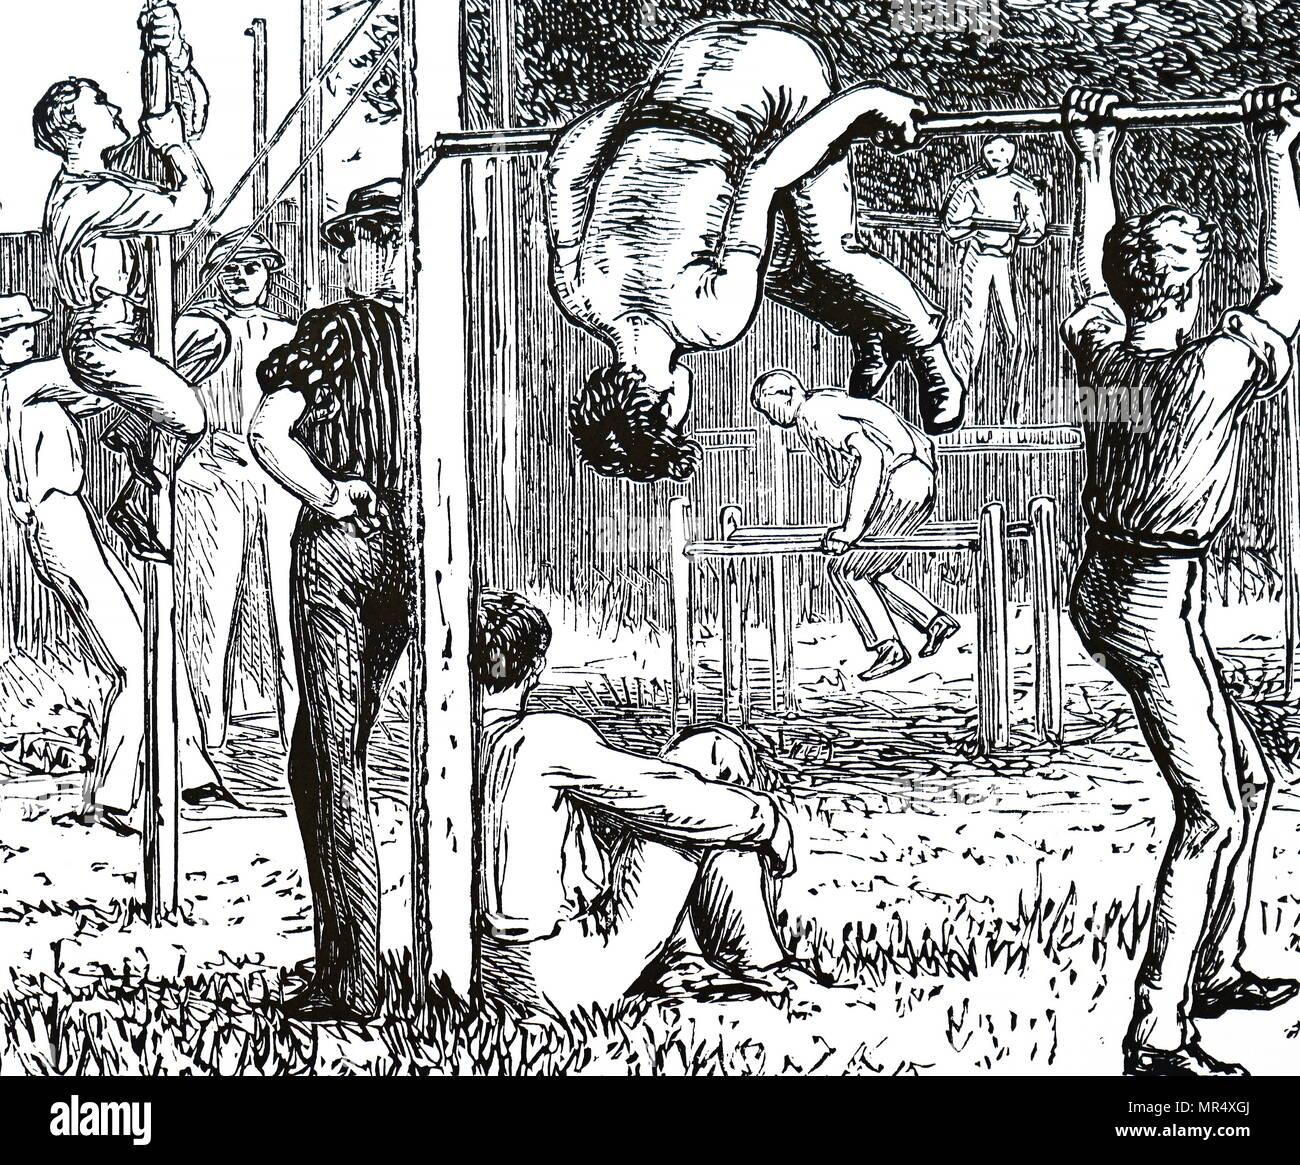 Illustrazione raffigurante i ragazzi a fare ginnastica. Datata del XIX secolo Immagini Stock